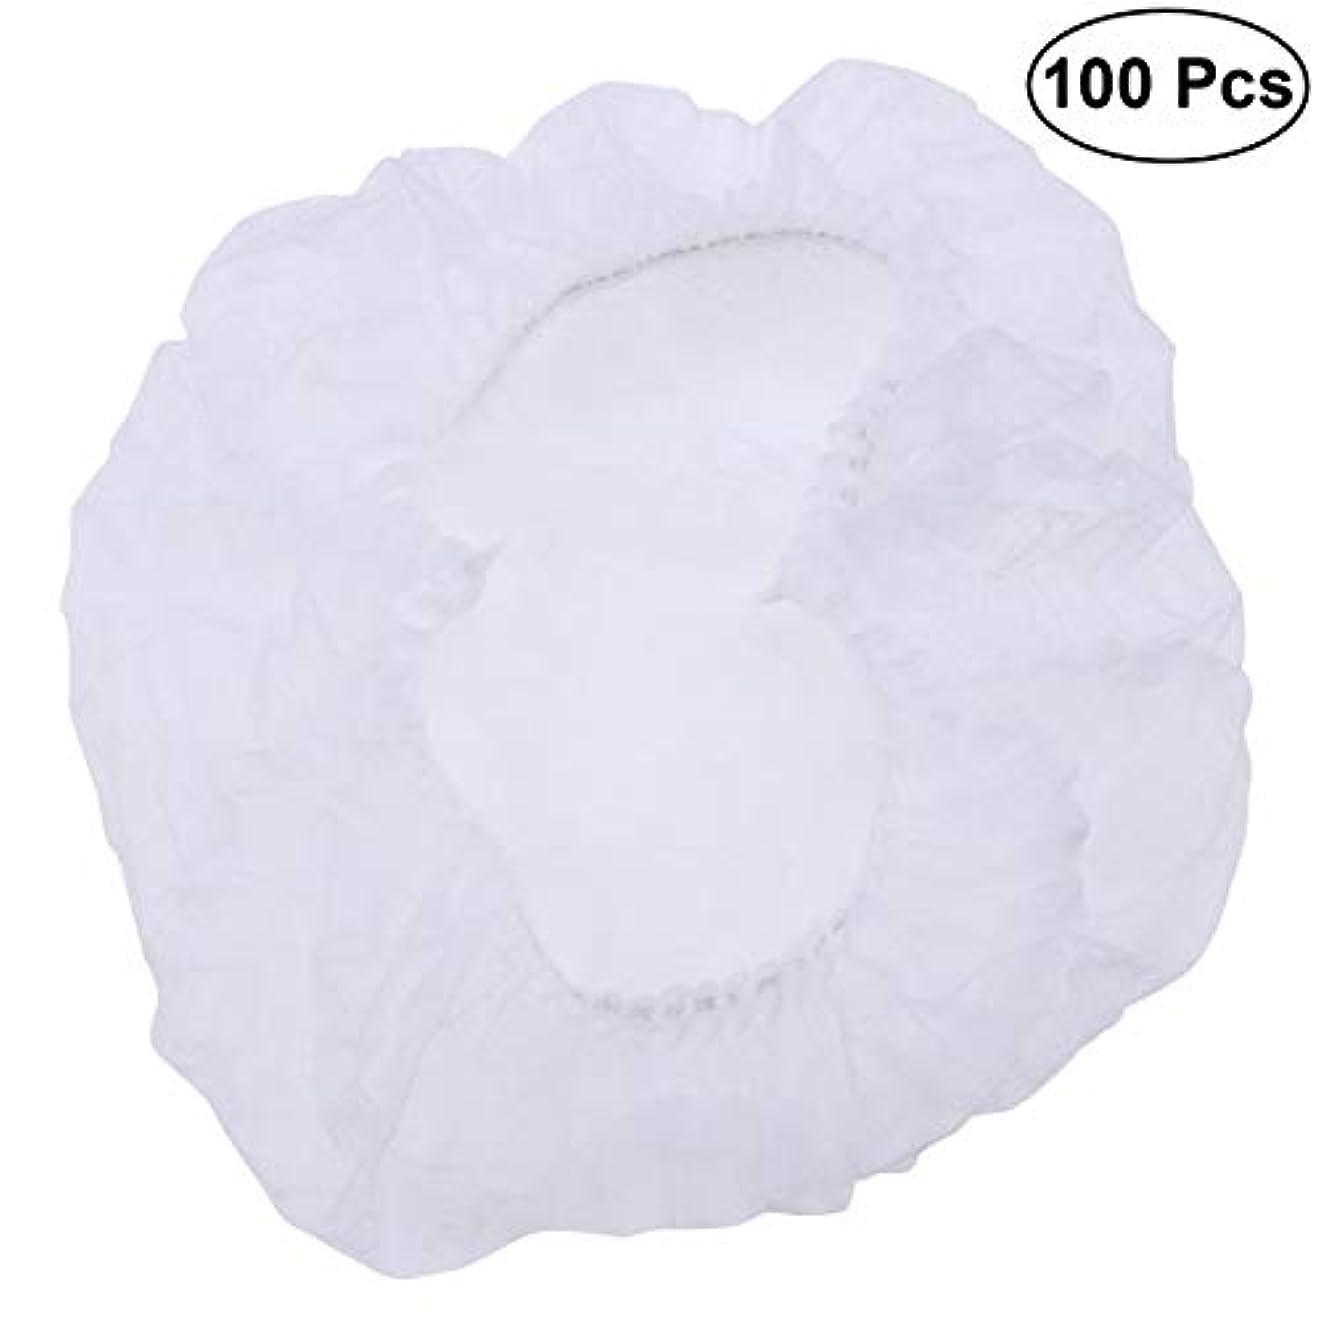 退屈させるペン塗抹SUPVOX ヘアサロンの家のホテル100pcsのための使い捨て可能なシャワーキャップの伸縮性がある毛の帽子